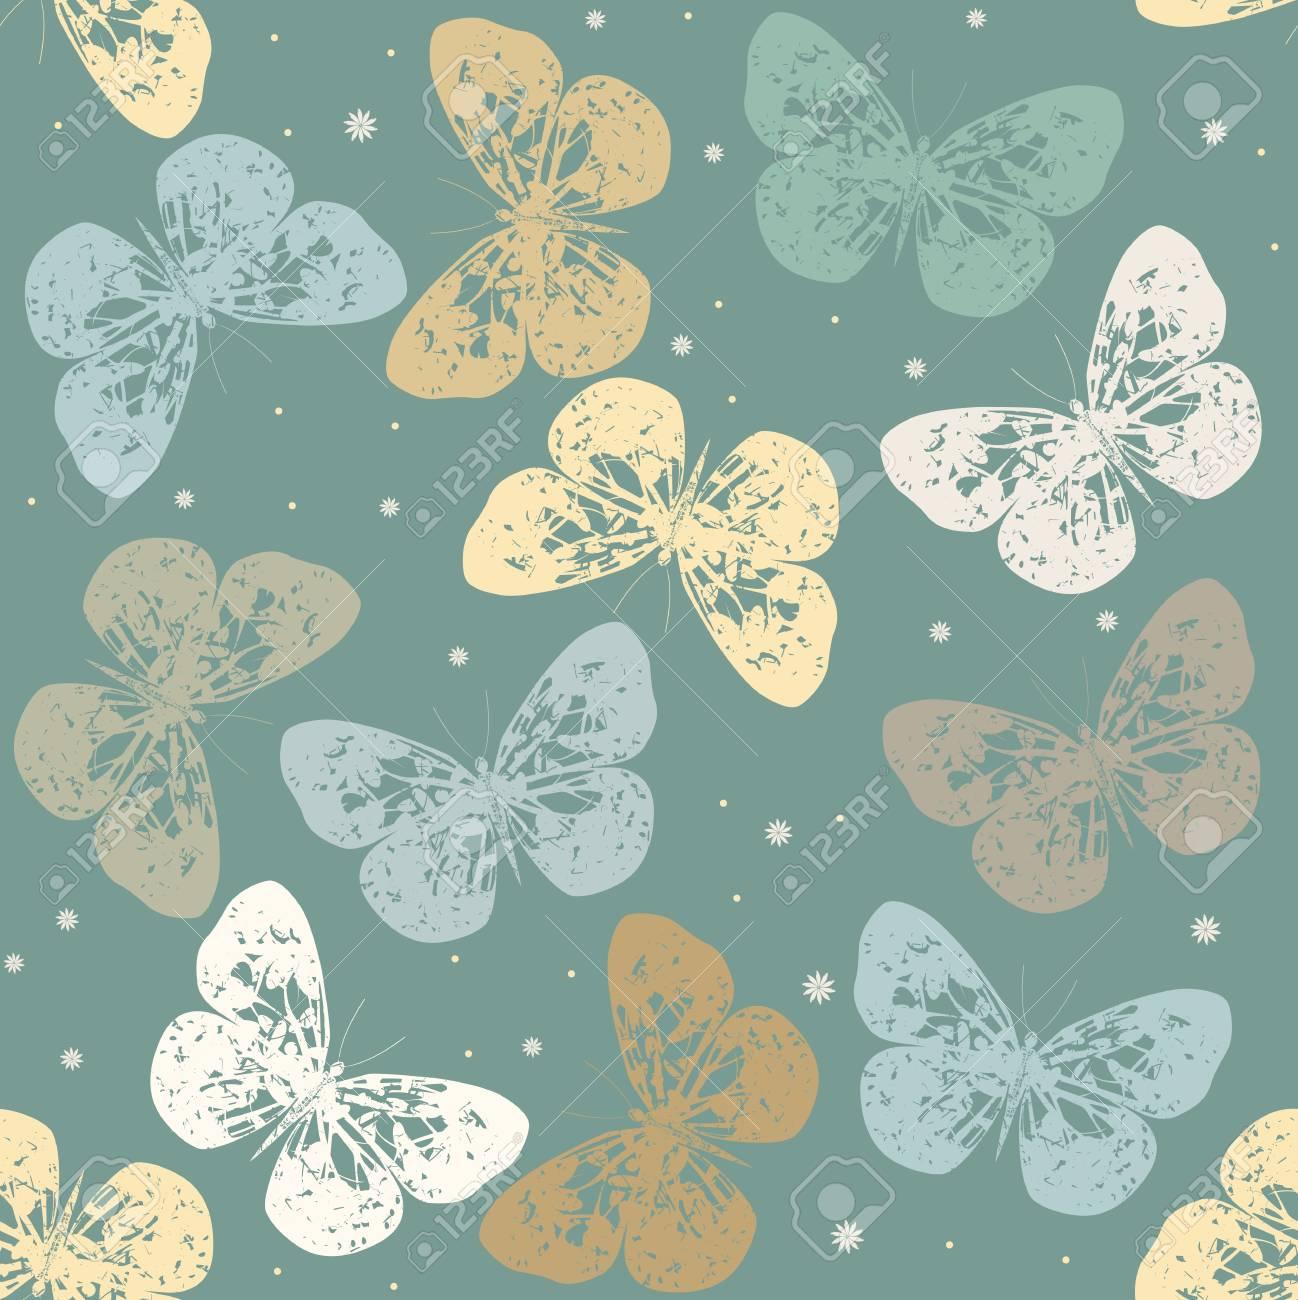 Sentitevi come se foste entrati nella pittoresca campagna con questa carta da parati personalizzata butterflies and flowers. Vettoriale Seamless Pattern Con Le Farfalle Retro Modello Puo Essere Utilizzato Per Carta Da Parati Sfondo E Tessile Image 55216302